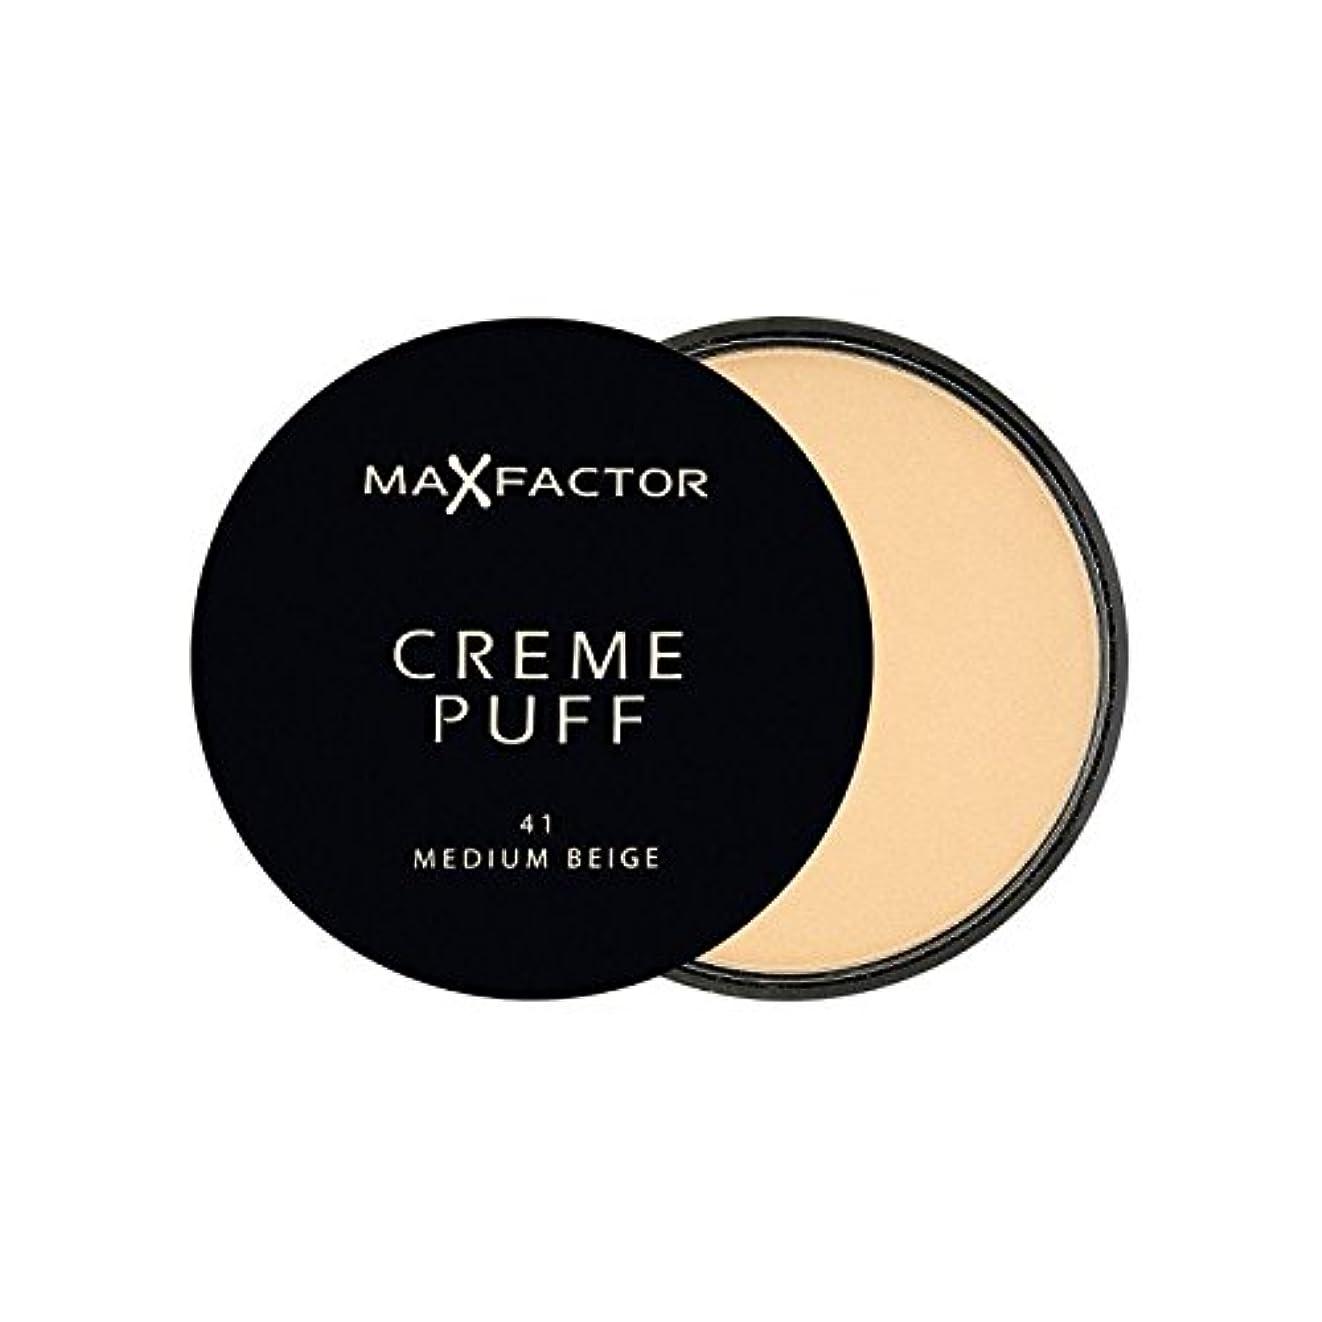 変換タフ中絶マックスファクタークリームパフ粉末コンパクト媒体ベージュ41 x4 - Max Factor Creme Puff Powder Compact Medium Beige 41 (Pack of 4) [並行輸入品]